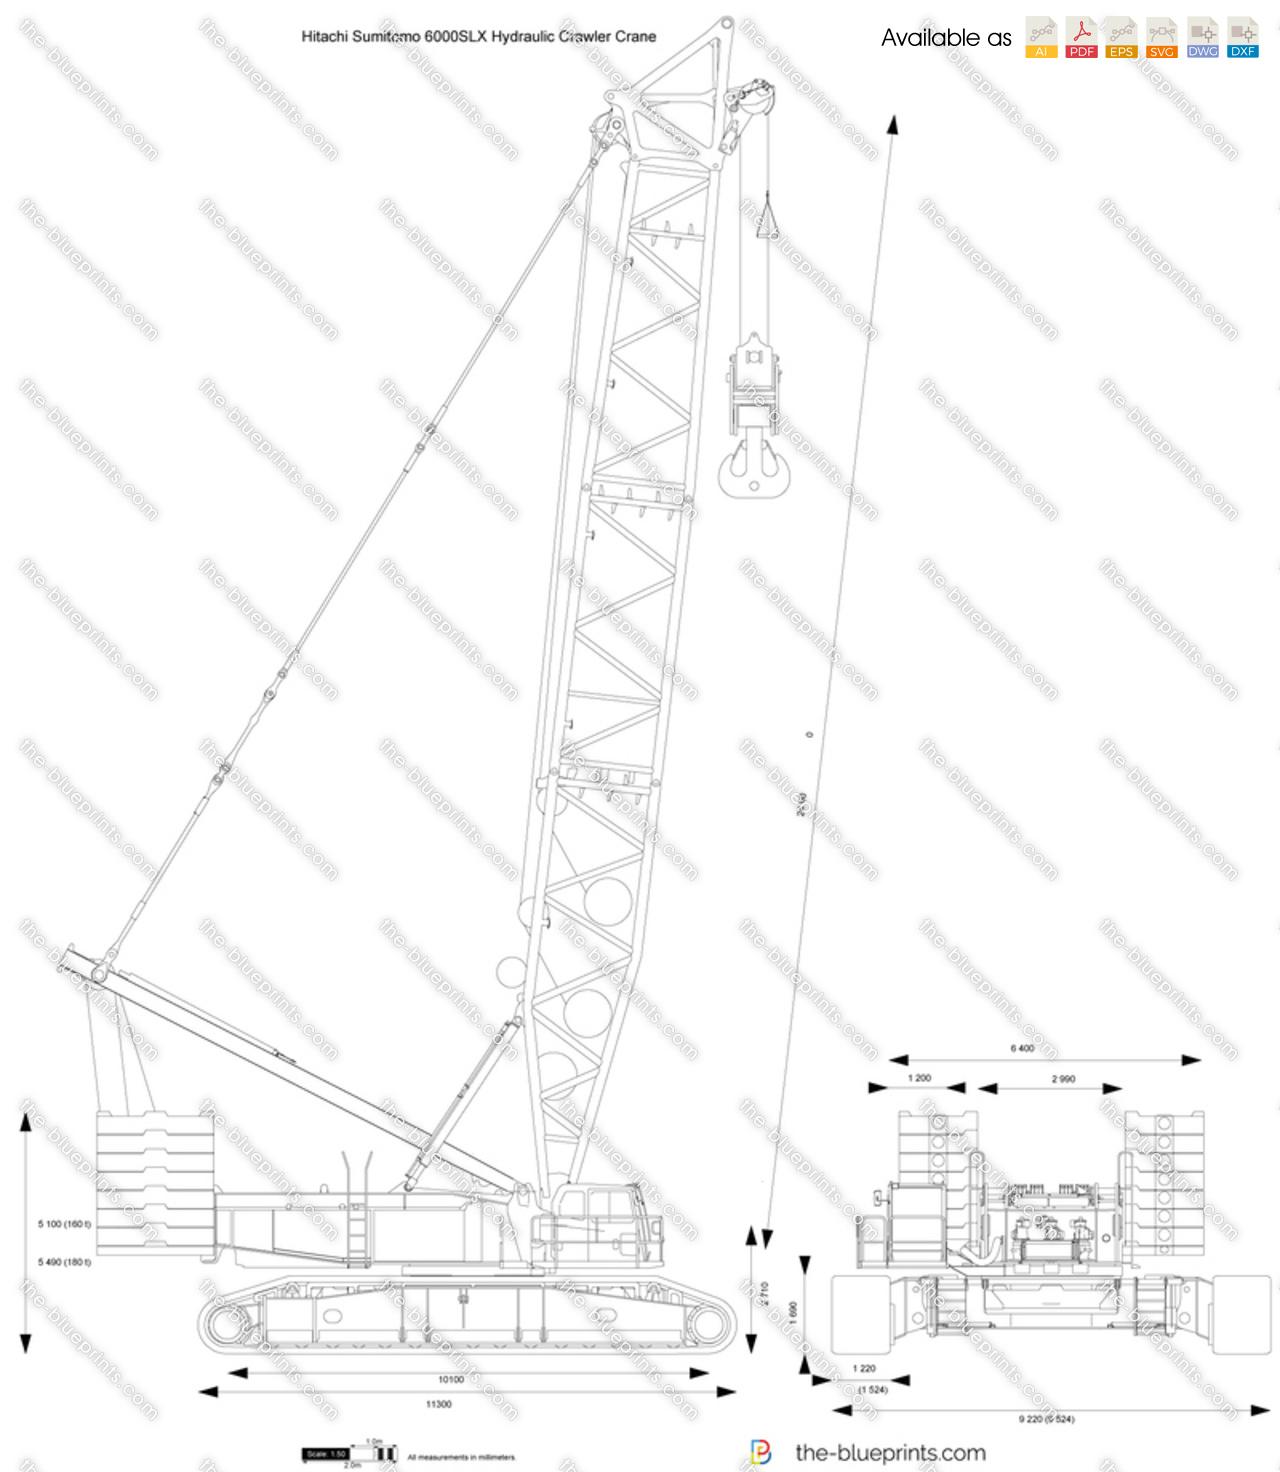 Hitachi Sumitomo 6000SLX Hydraulic Crawler Crane